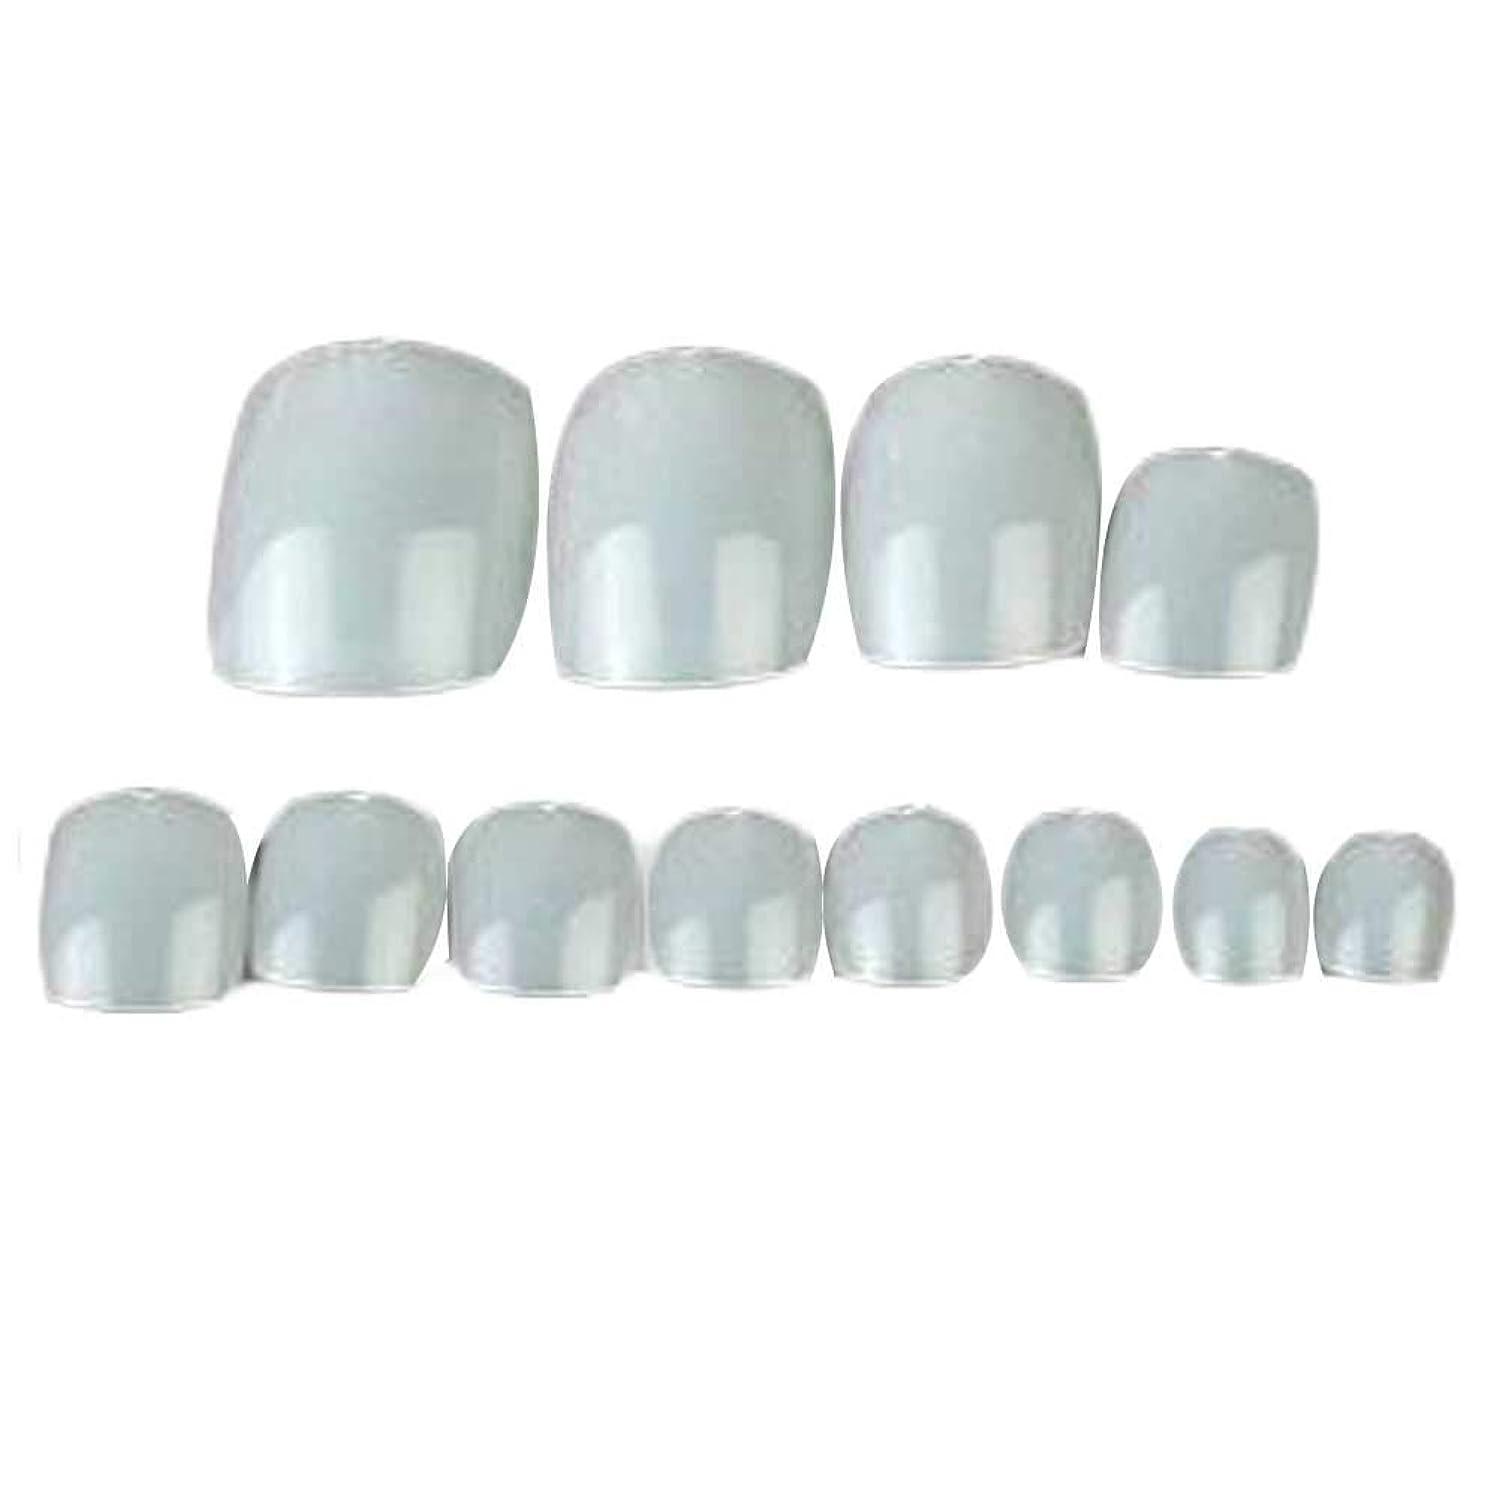 改善する未亡人わな500個のナチュラルカラー人工爪のヒントフルカバー偽爪